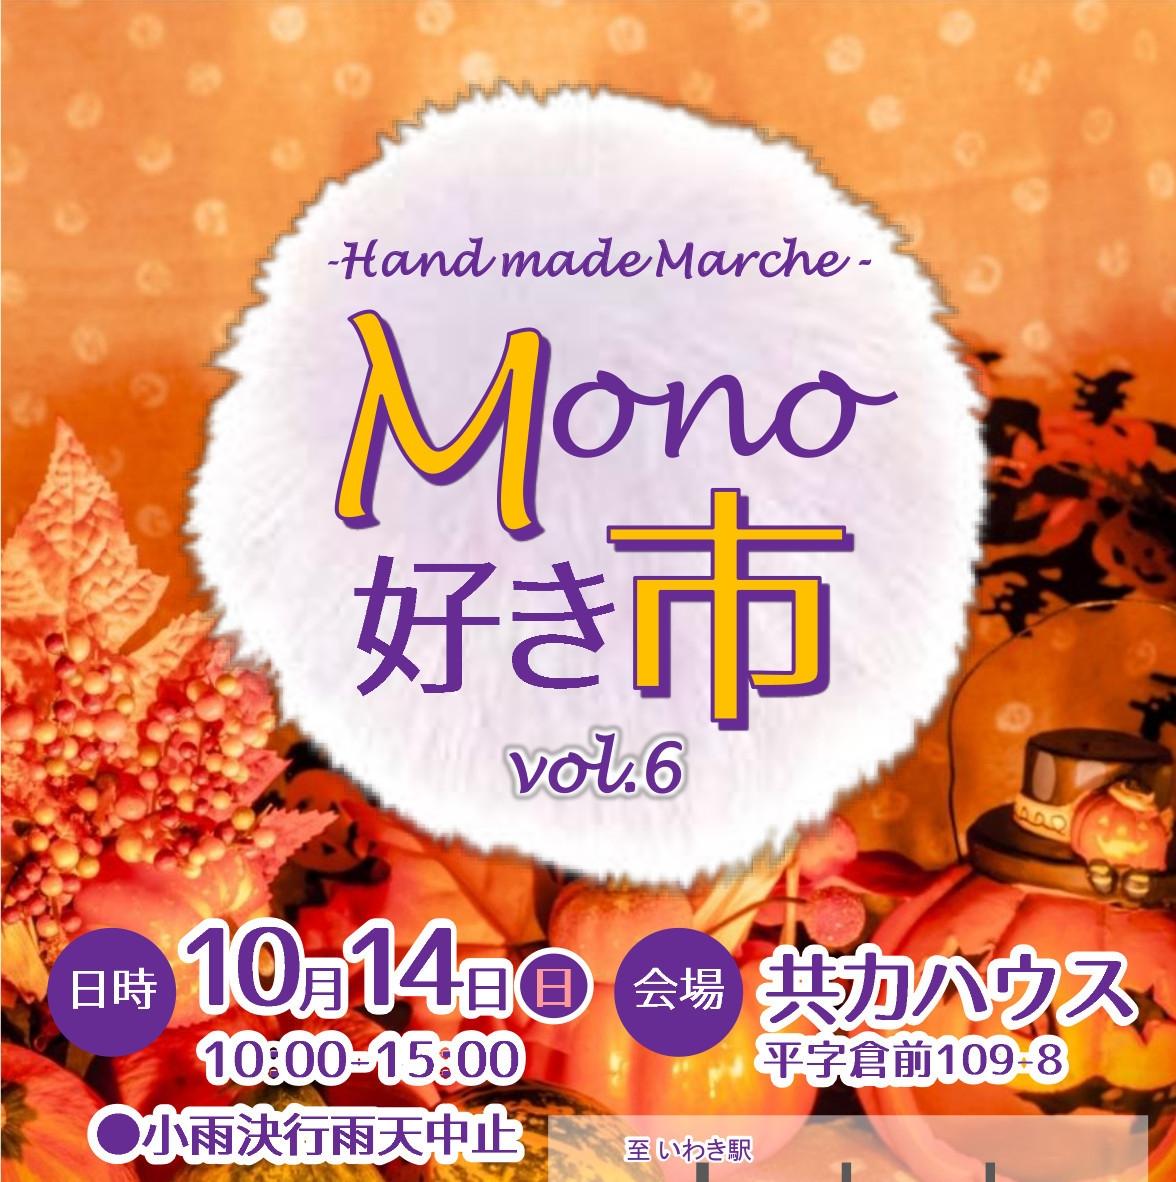 ハンドメイドマルシェMono好き市 vol.6